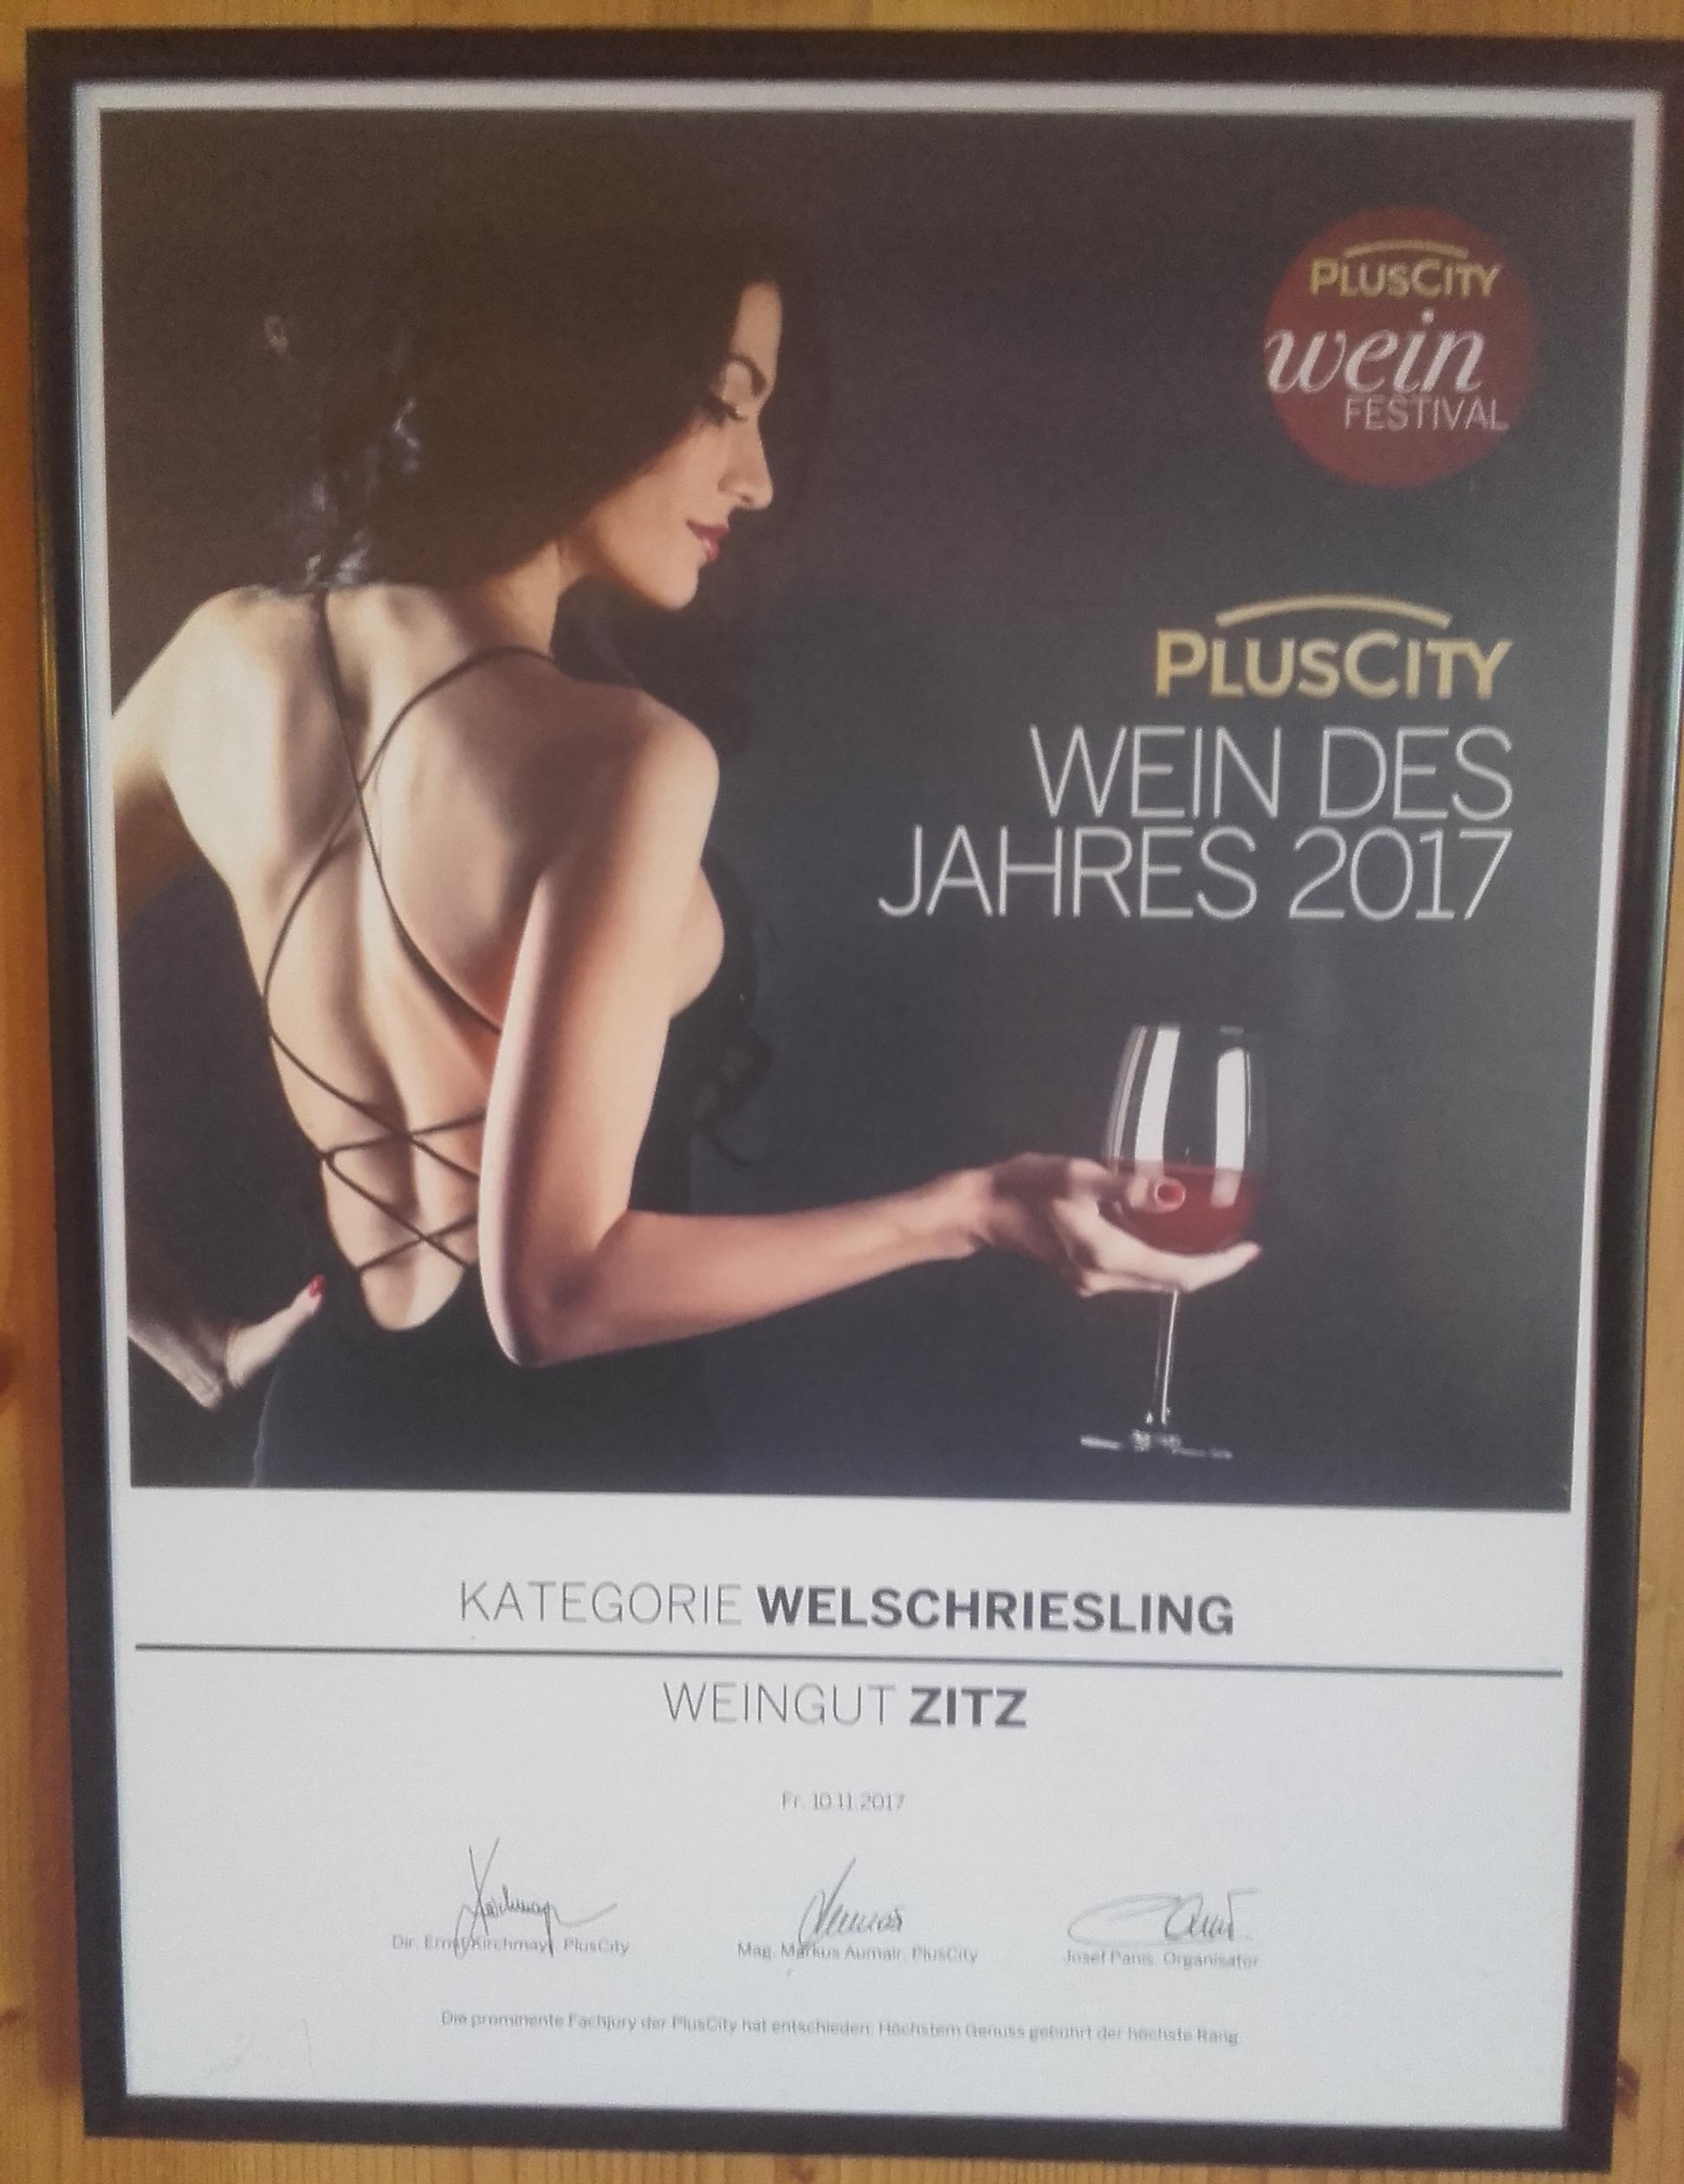 Wein Des Jahres 2017-Welschriesling